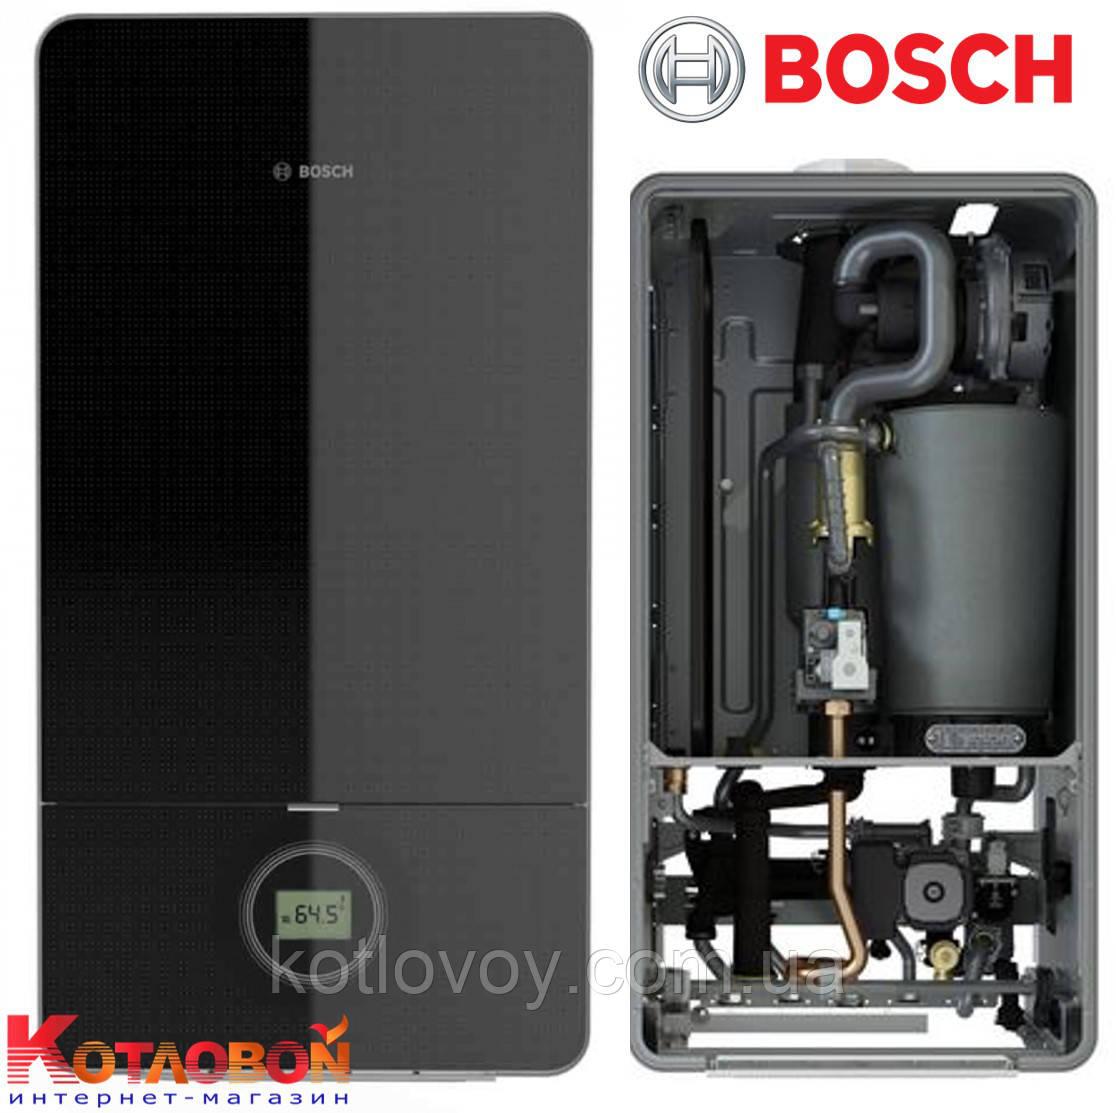 Конденсационный настенный газовый котел BOSCH Condens 7000i W